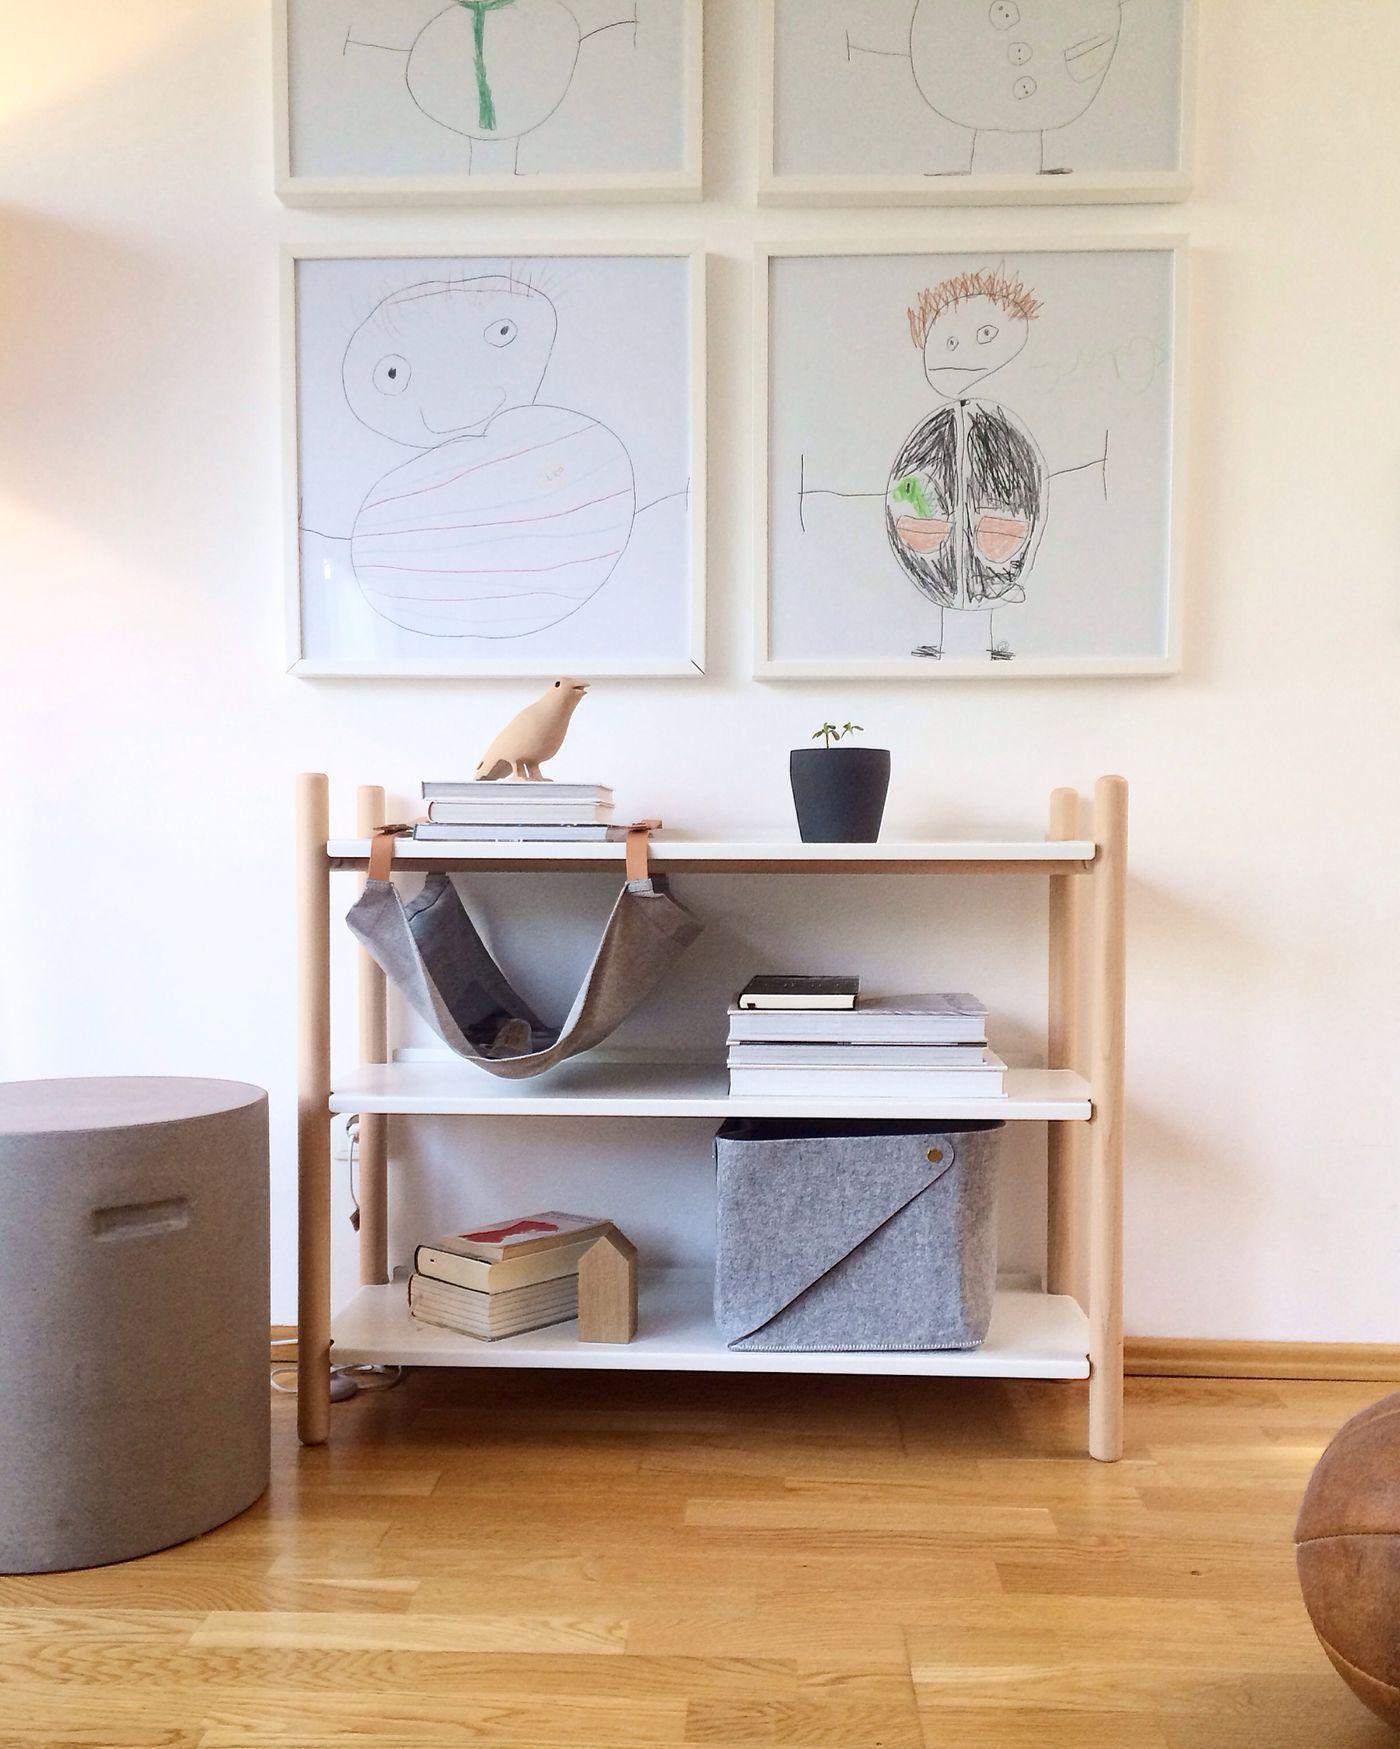 die besten ideen f r die wandgestaltung im wohnzimmer seite 12. Black Bedroom Furniture Sets. Home Design Ideas